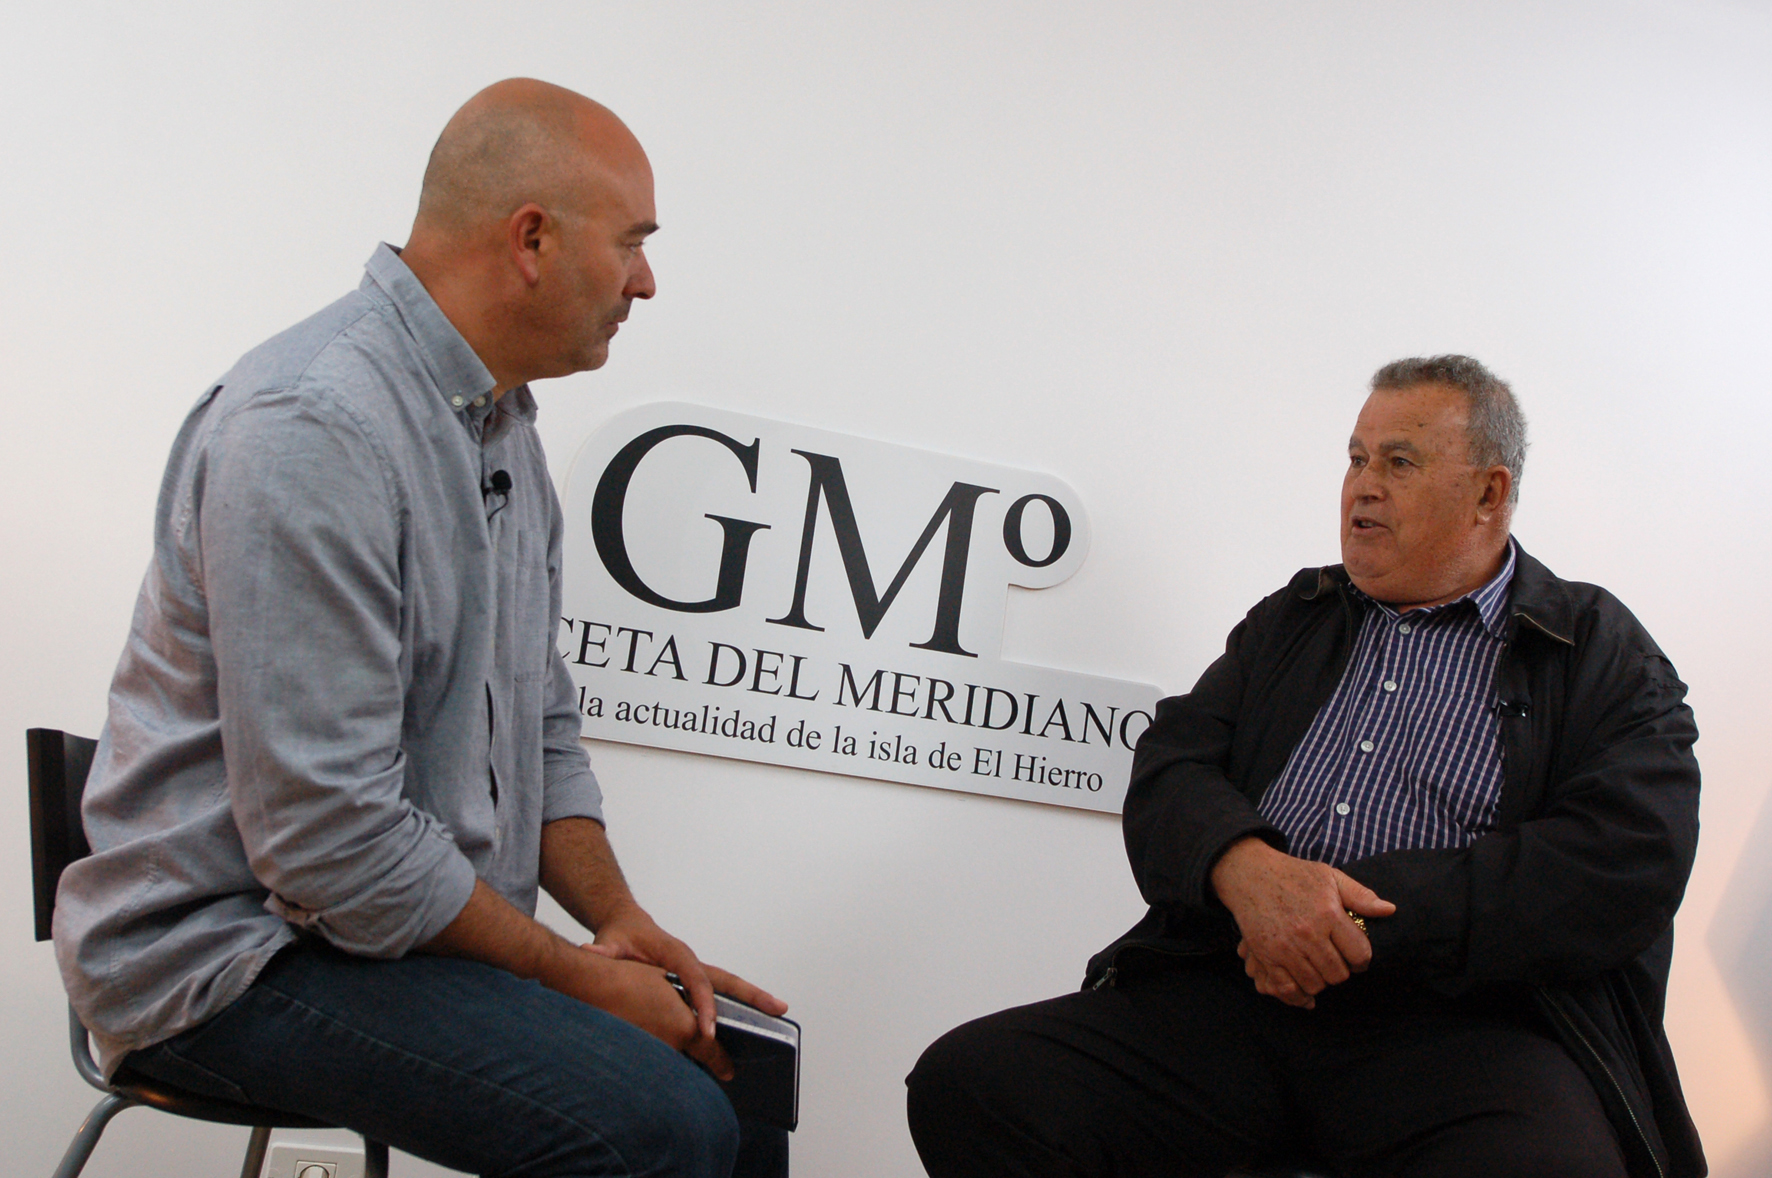 La Entrevista con Miguel Angel Acosta